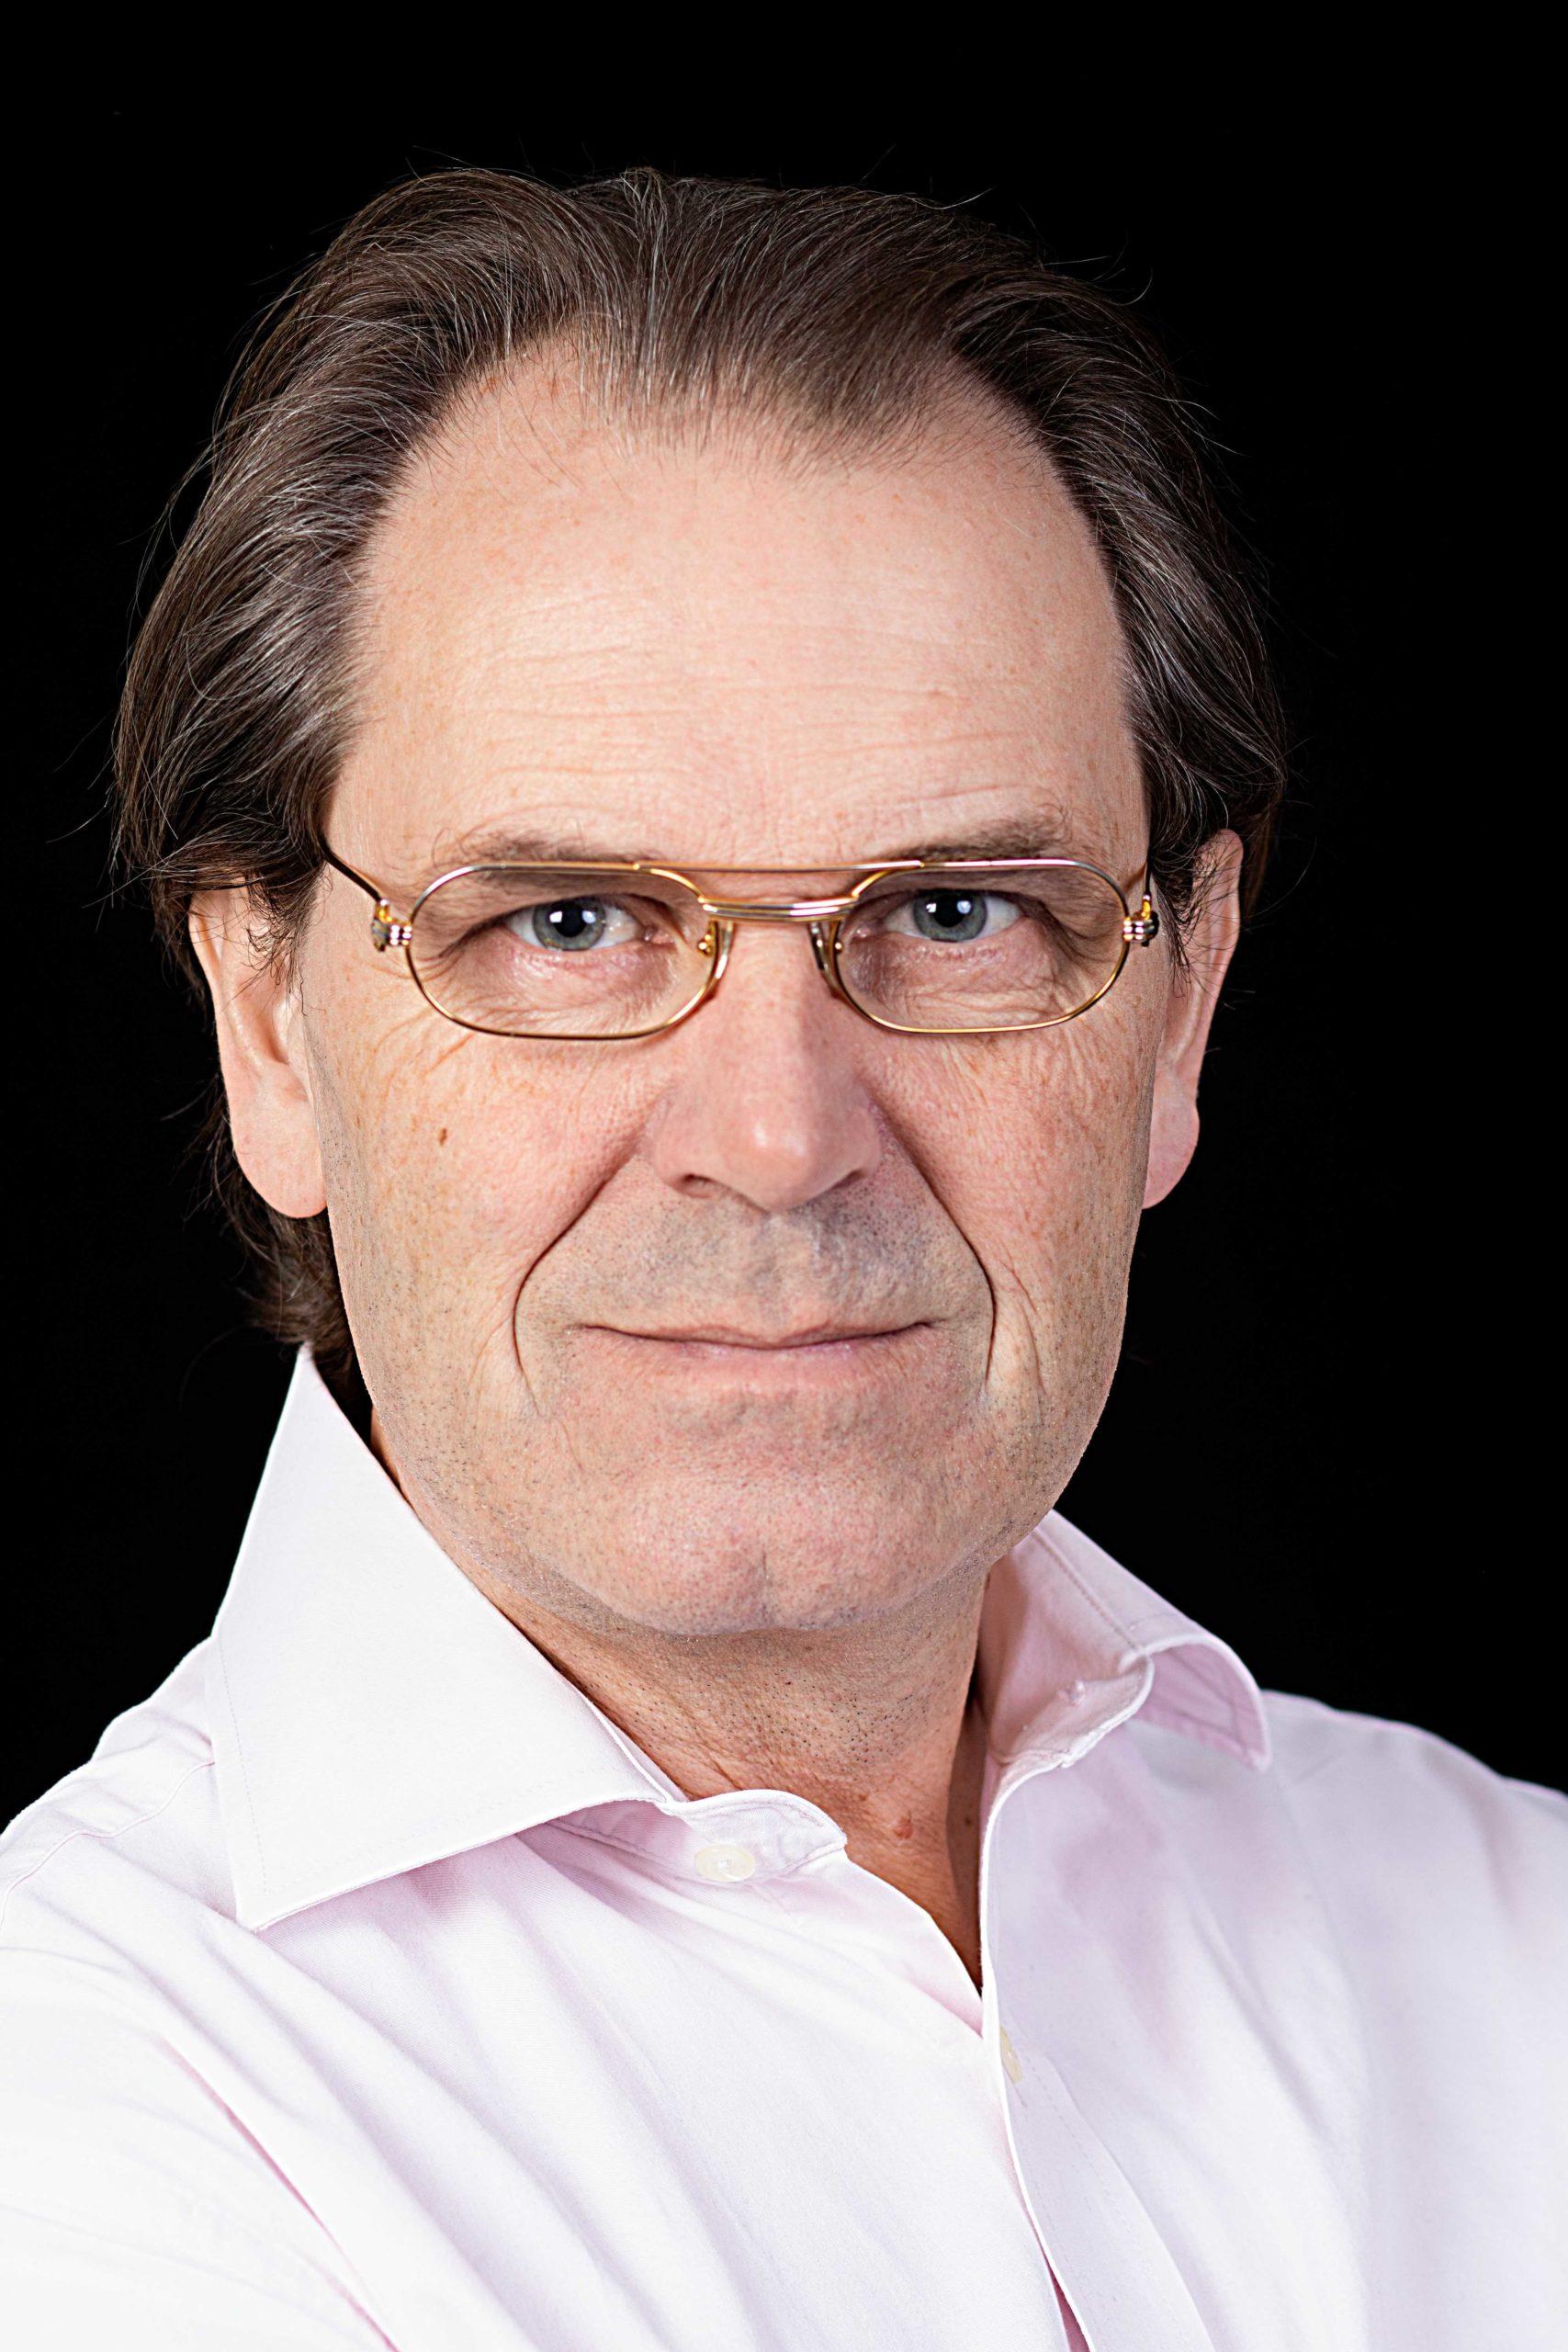 Claus Schioldann von Eyben - kordegn - kordegnevikar - degnevikar - degn - kontordegn - digital koordinator - kirke-it